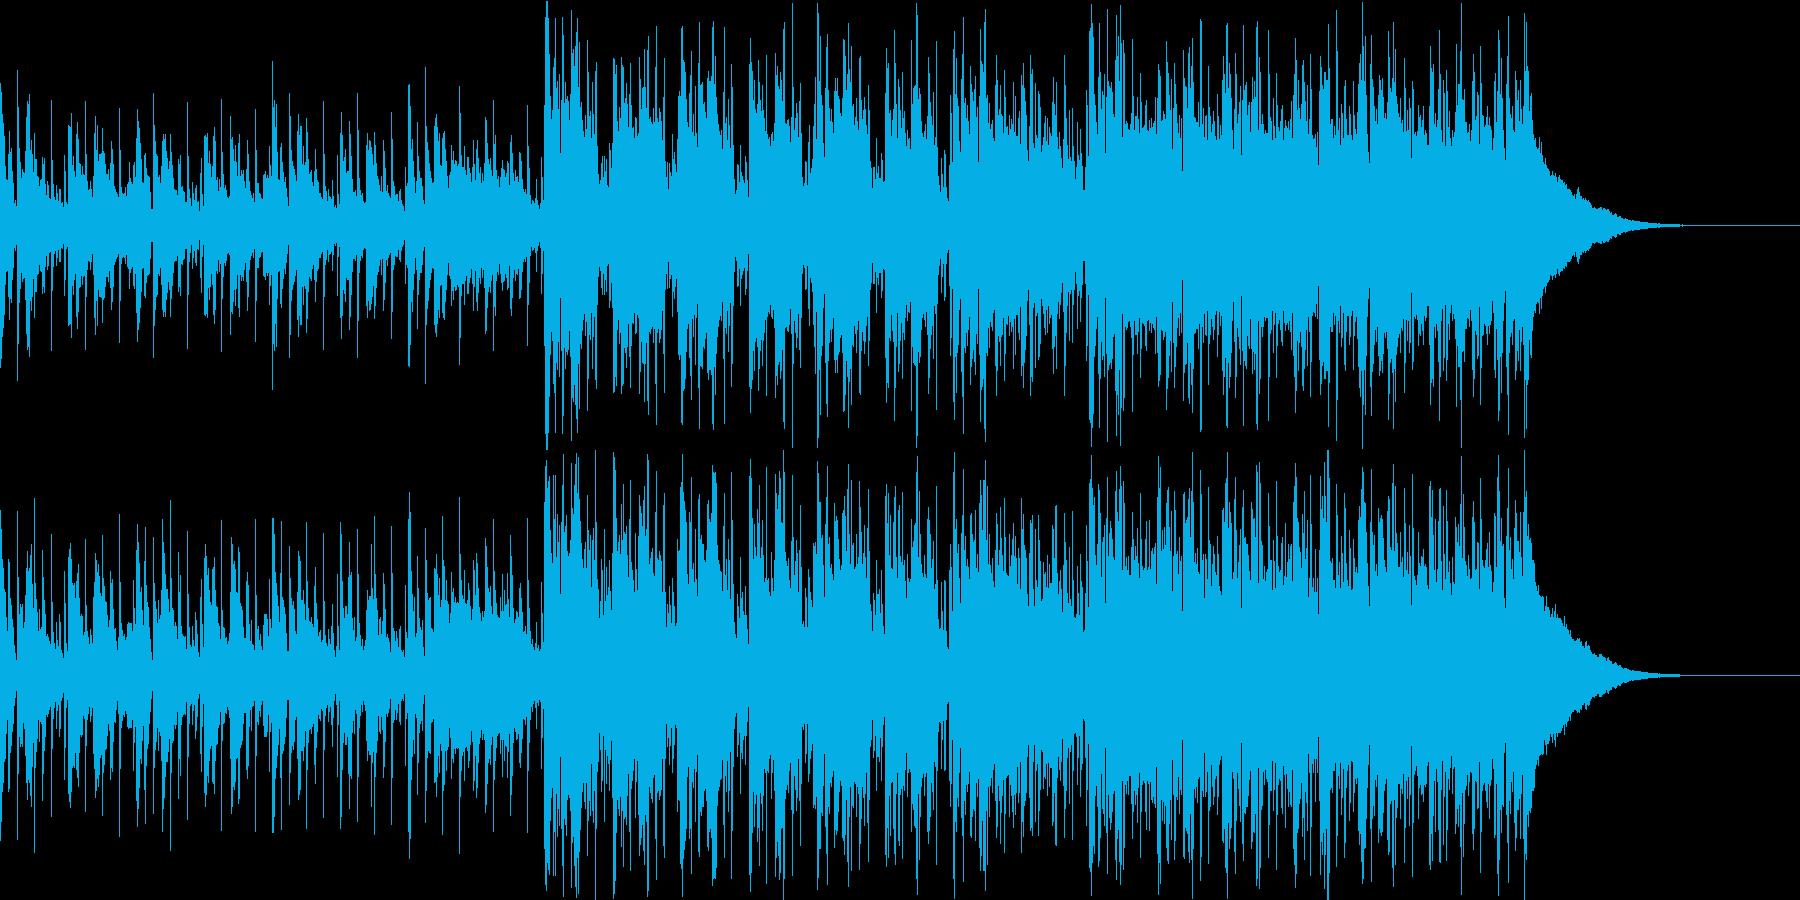 Pf「世間」和風現代ジャズの再生済みの波形